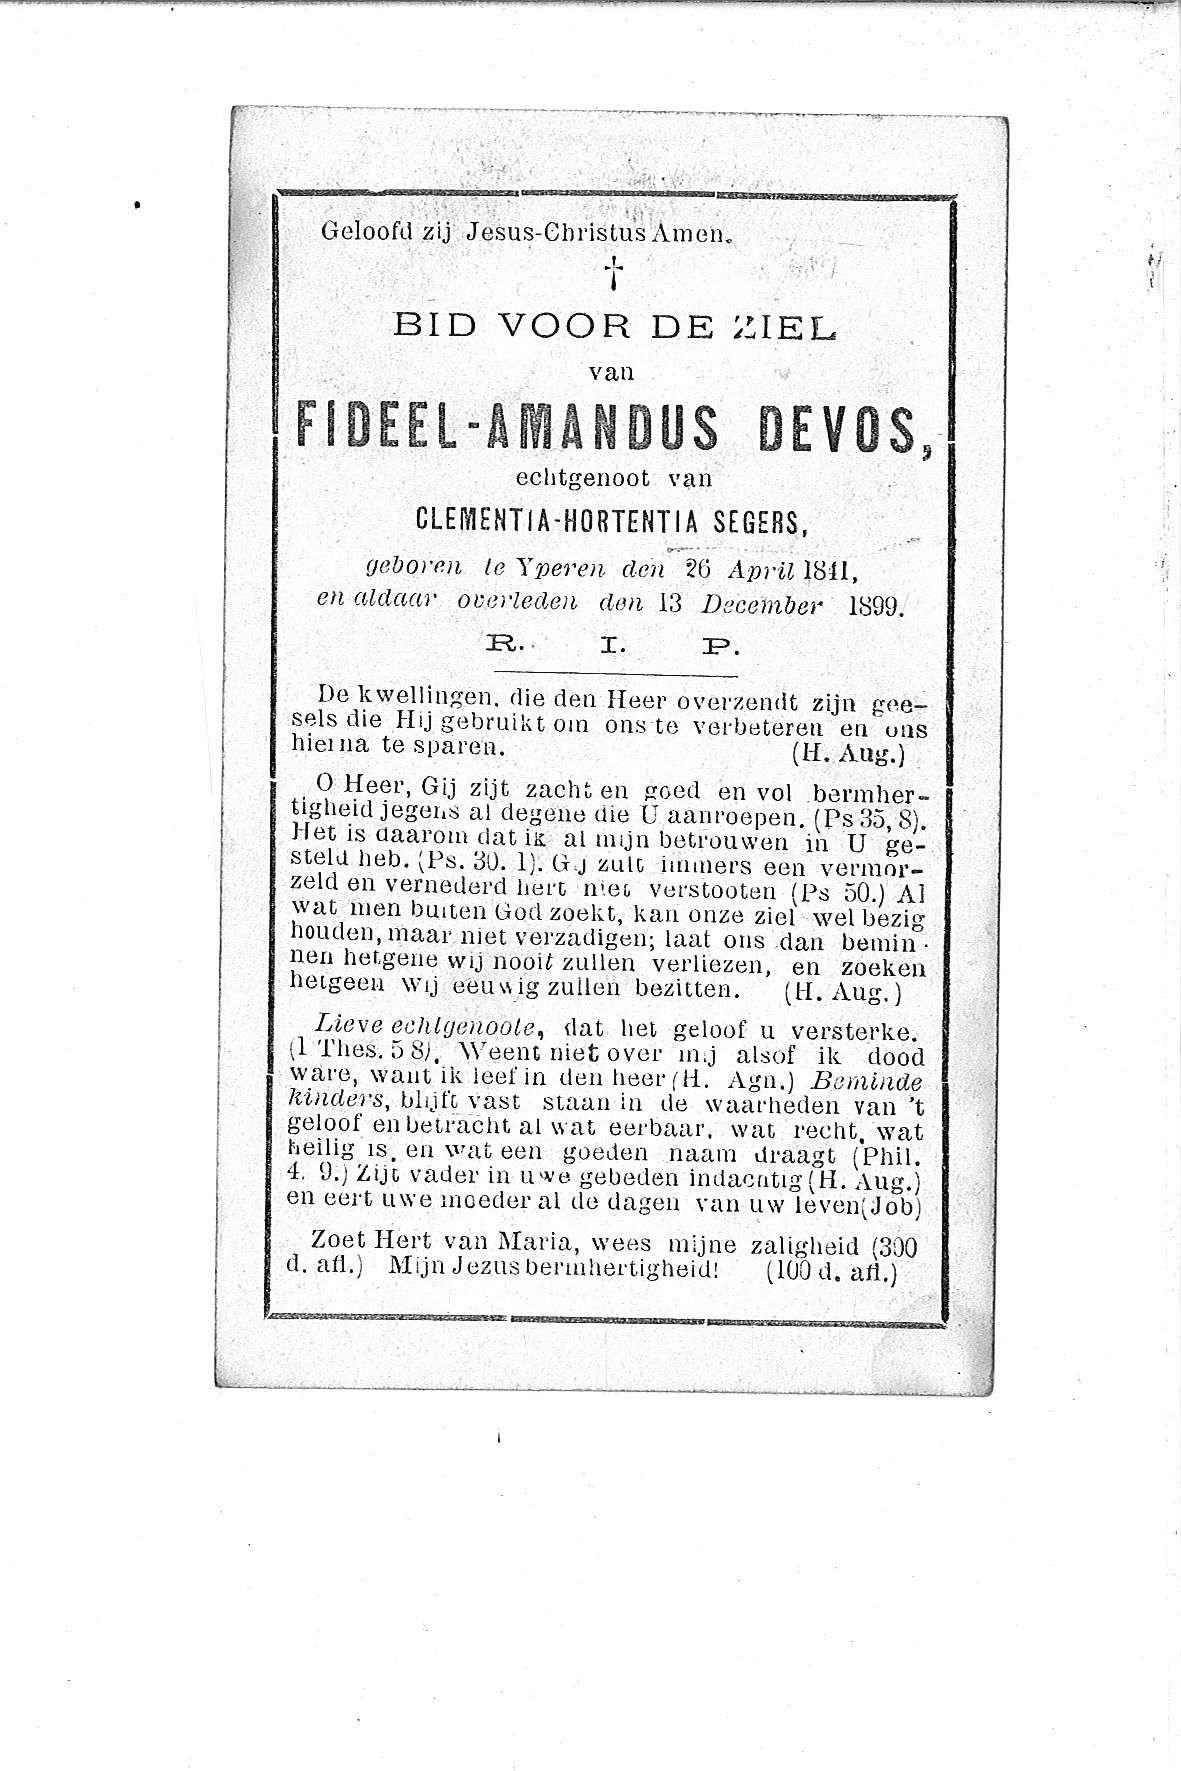 Fideel-Amandus (1899) 20120229111258_00093.jpg